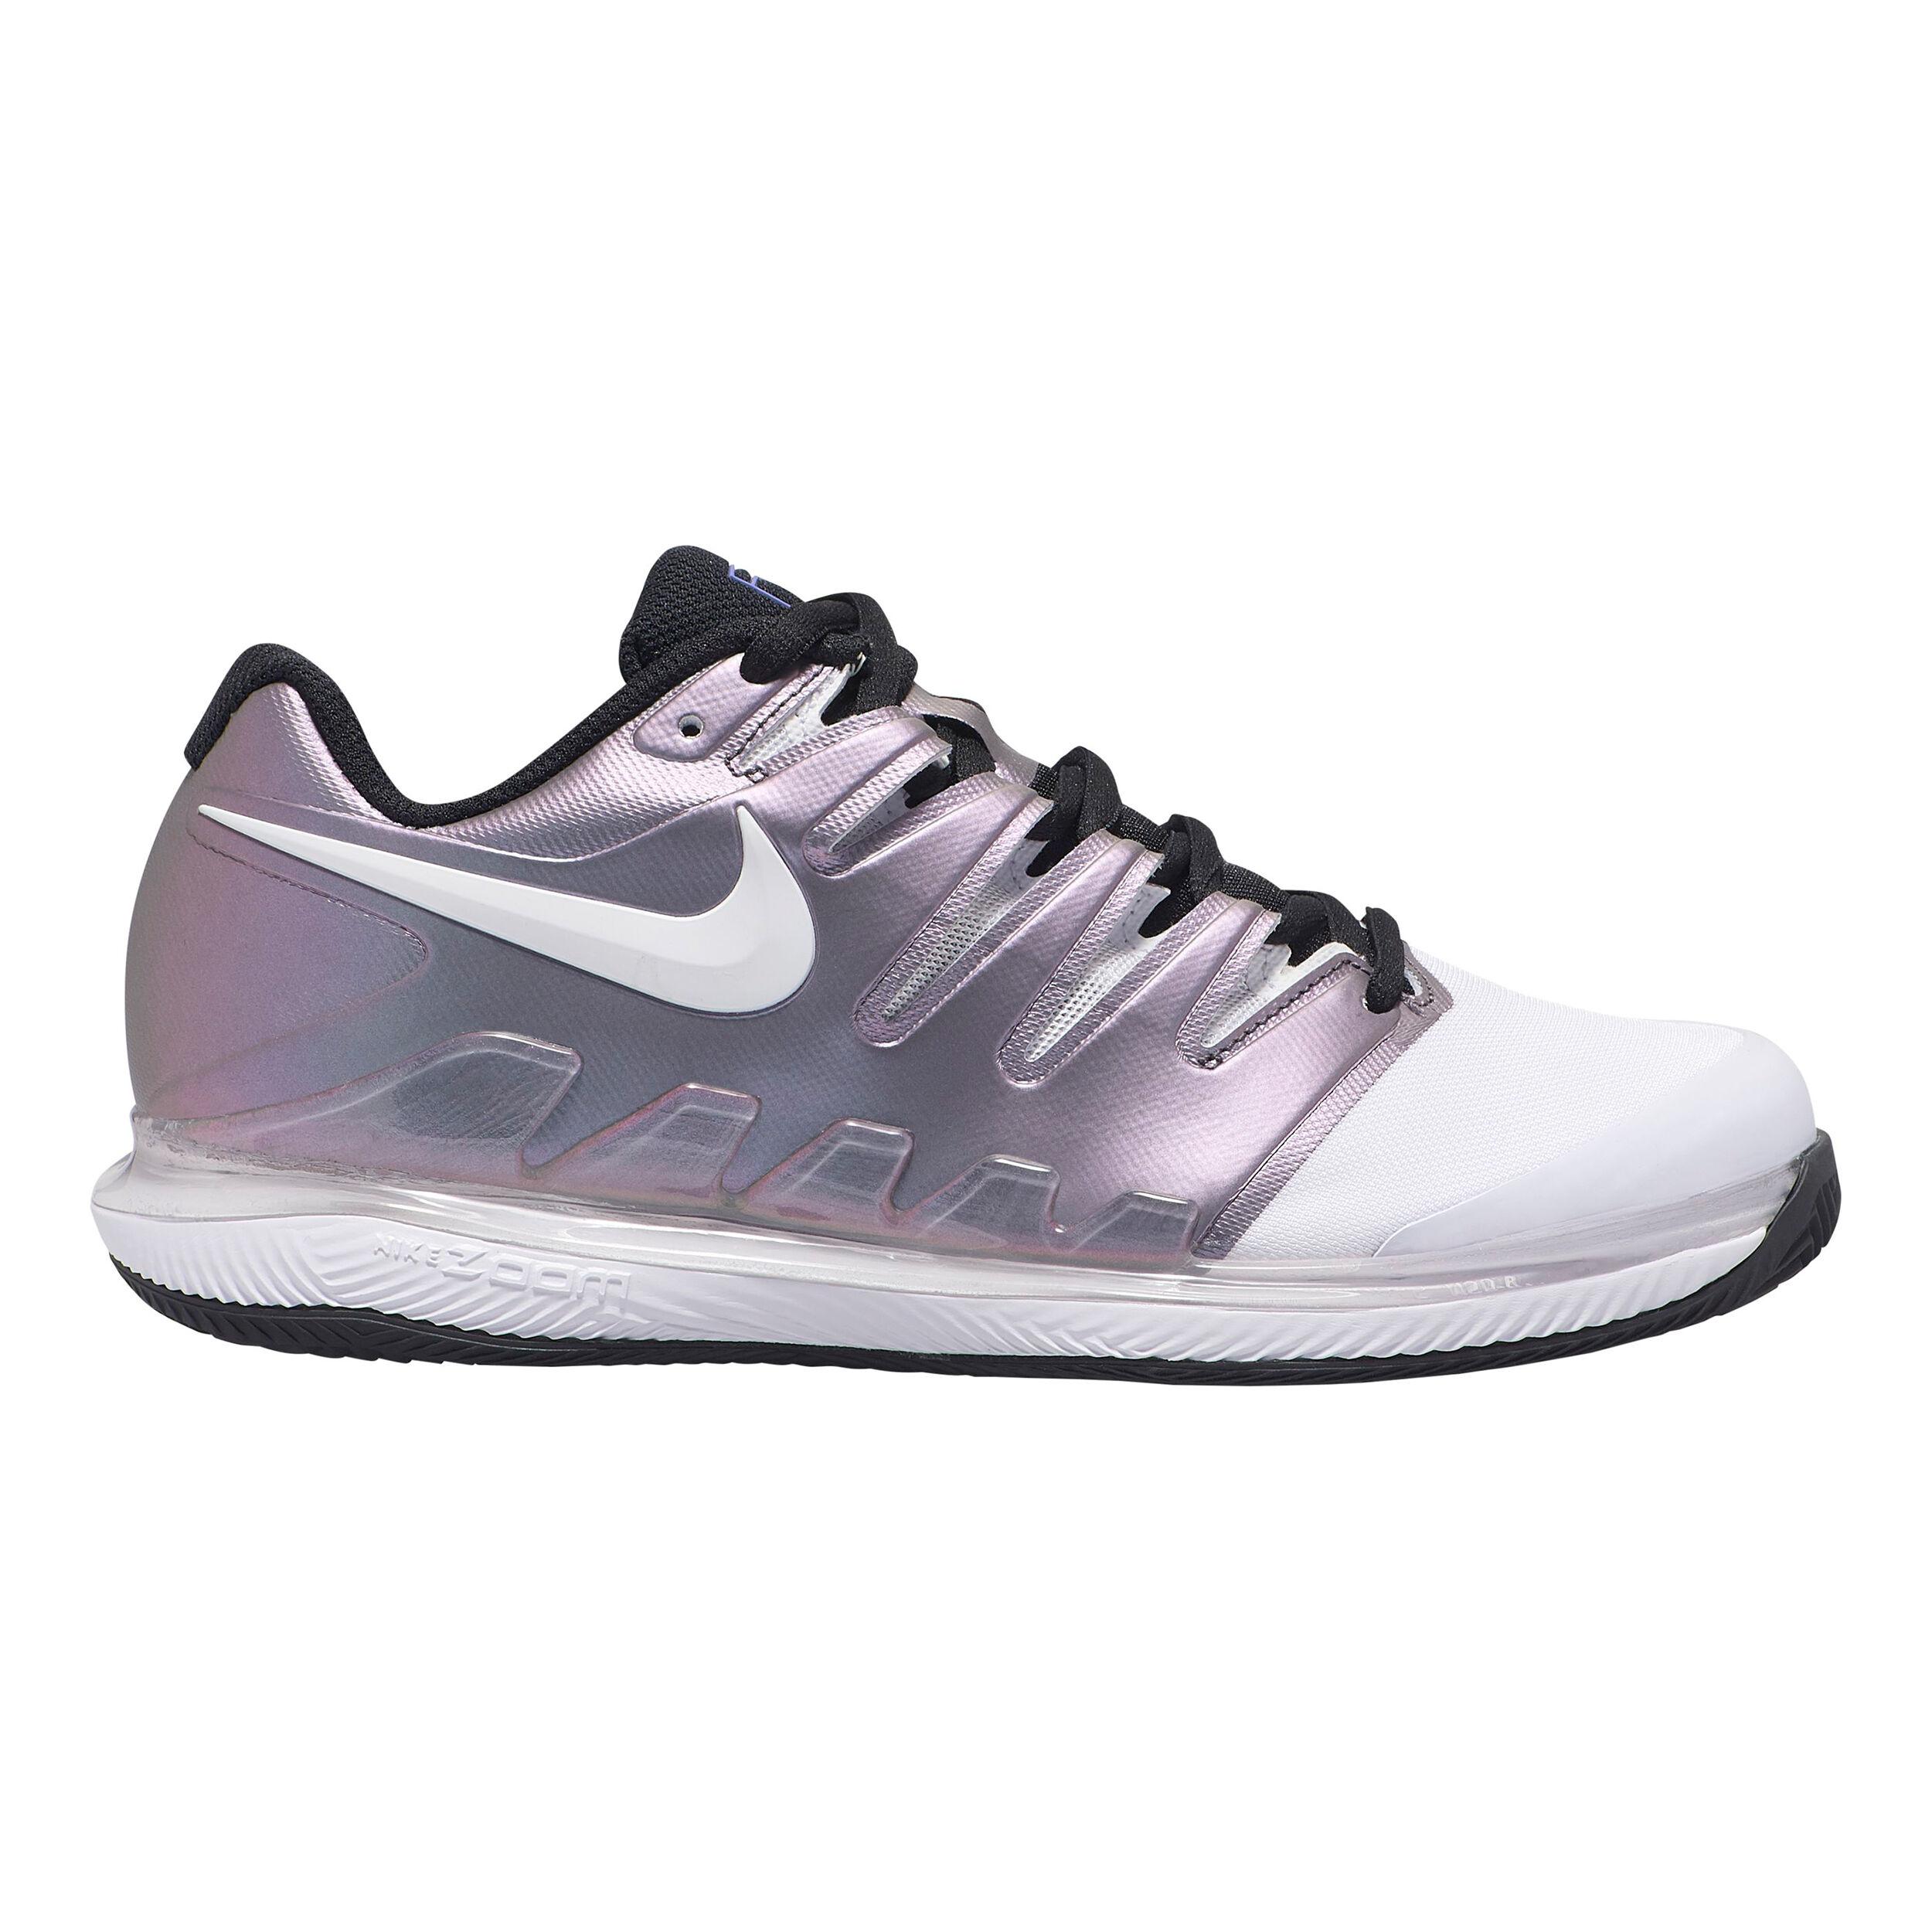 Nike Air Zoom Vapor X Clay Chaussure Terre Battue Femmes